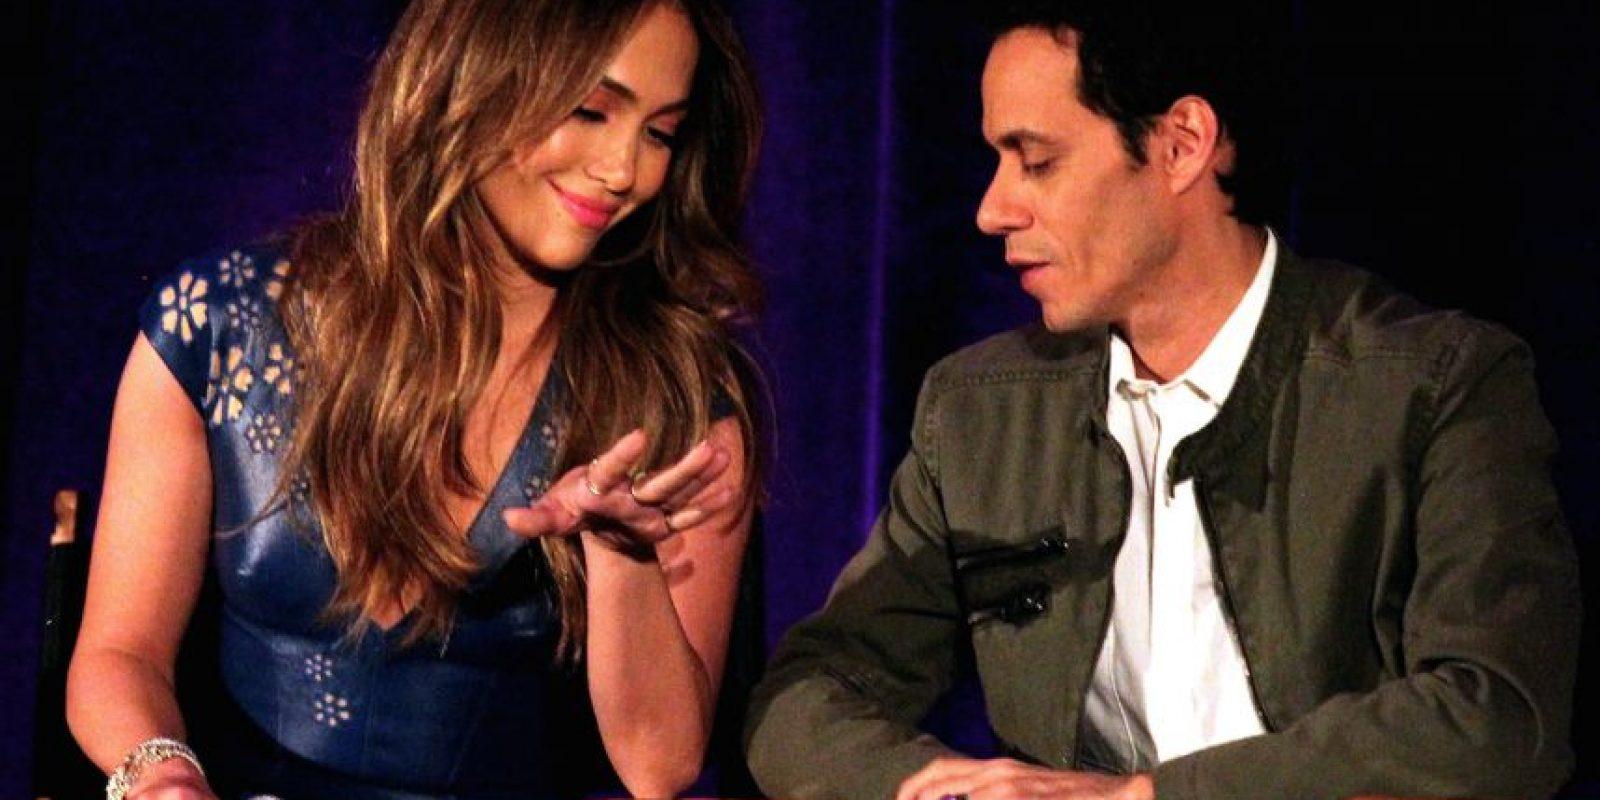 En una reciente entrevista, JLo confesó tener problemas de autoestima, mismos que pudieron haber ocasionado el fracaso en su matrimonio. Foto:Getty Images